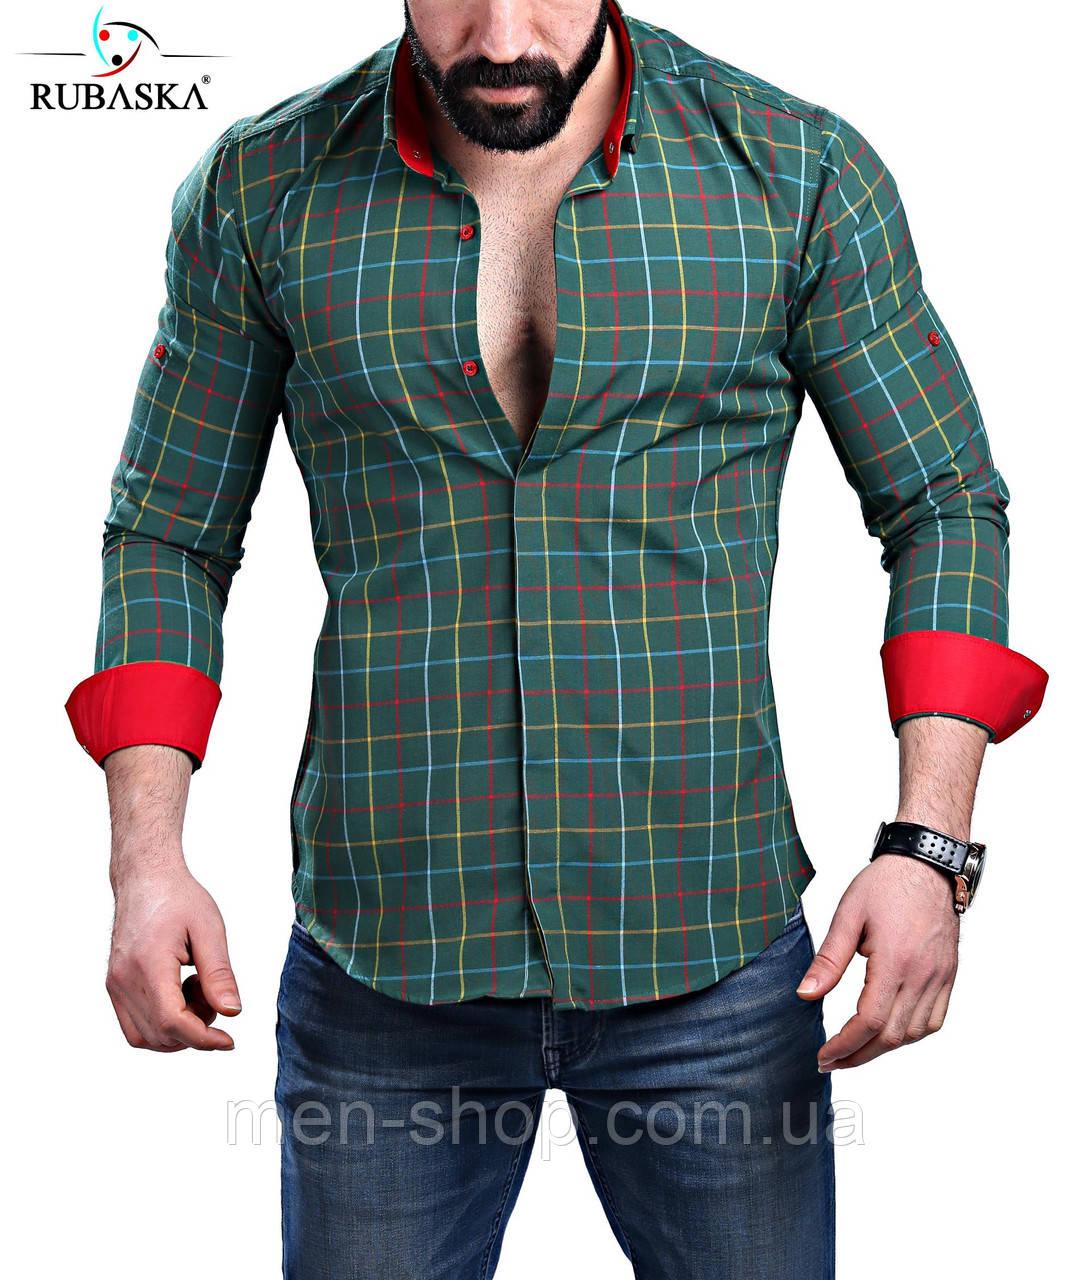 Супермодная мужская рубашка в клетку